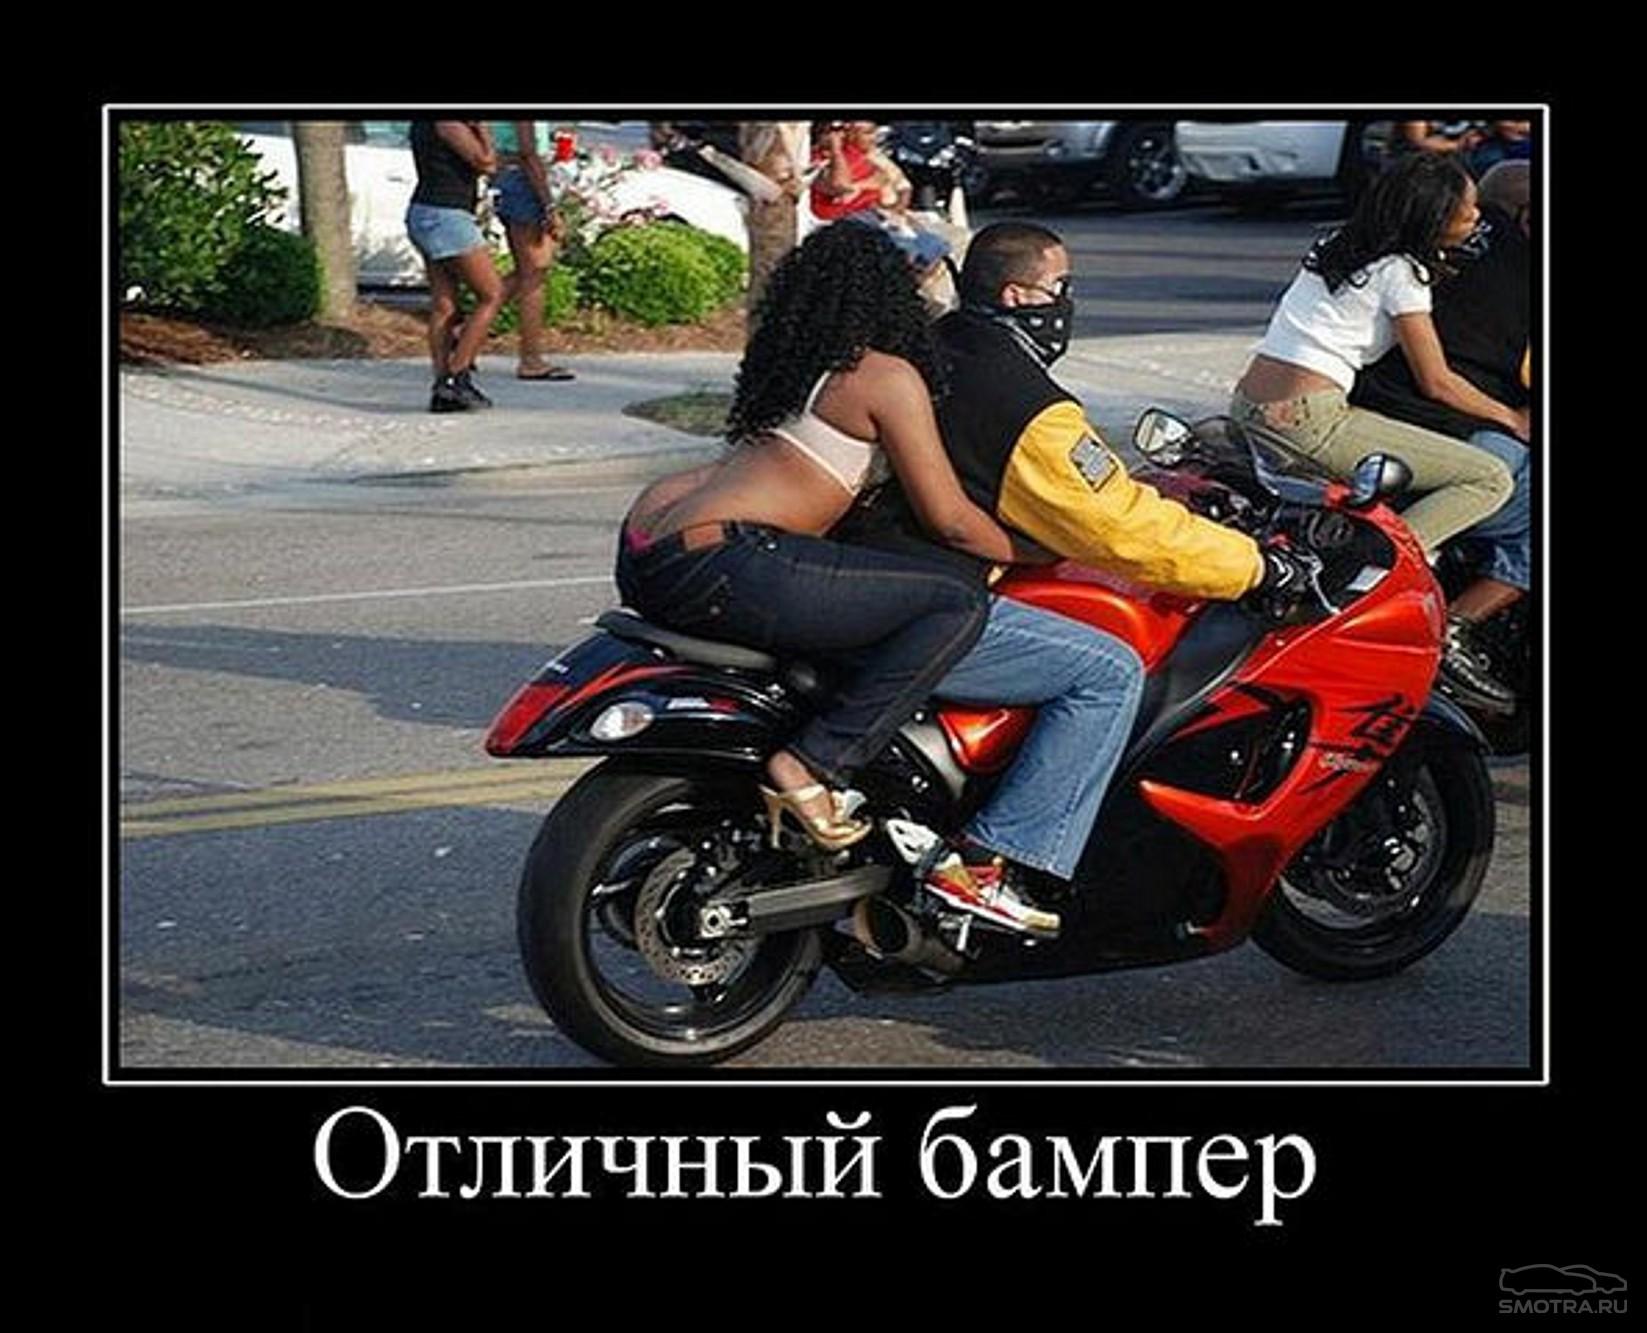 Пізда русское фото 18 фотография